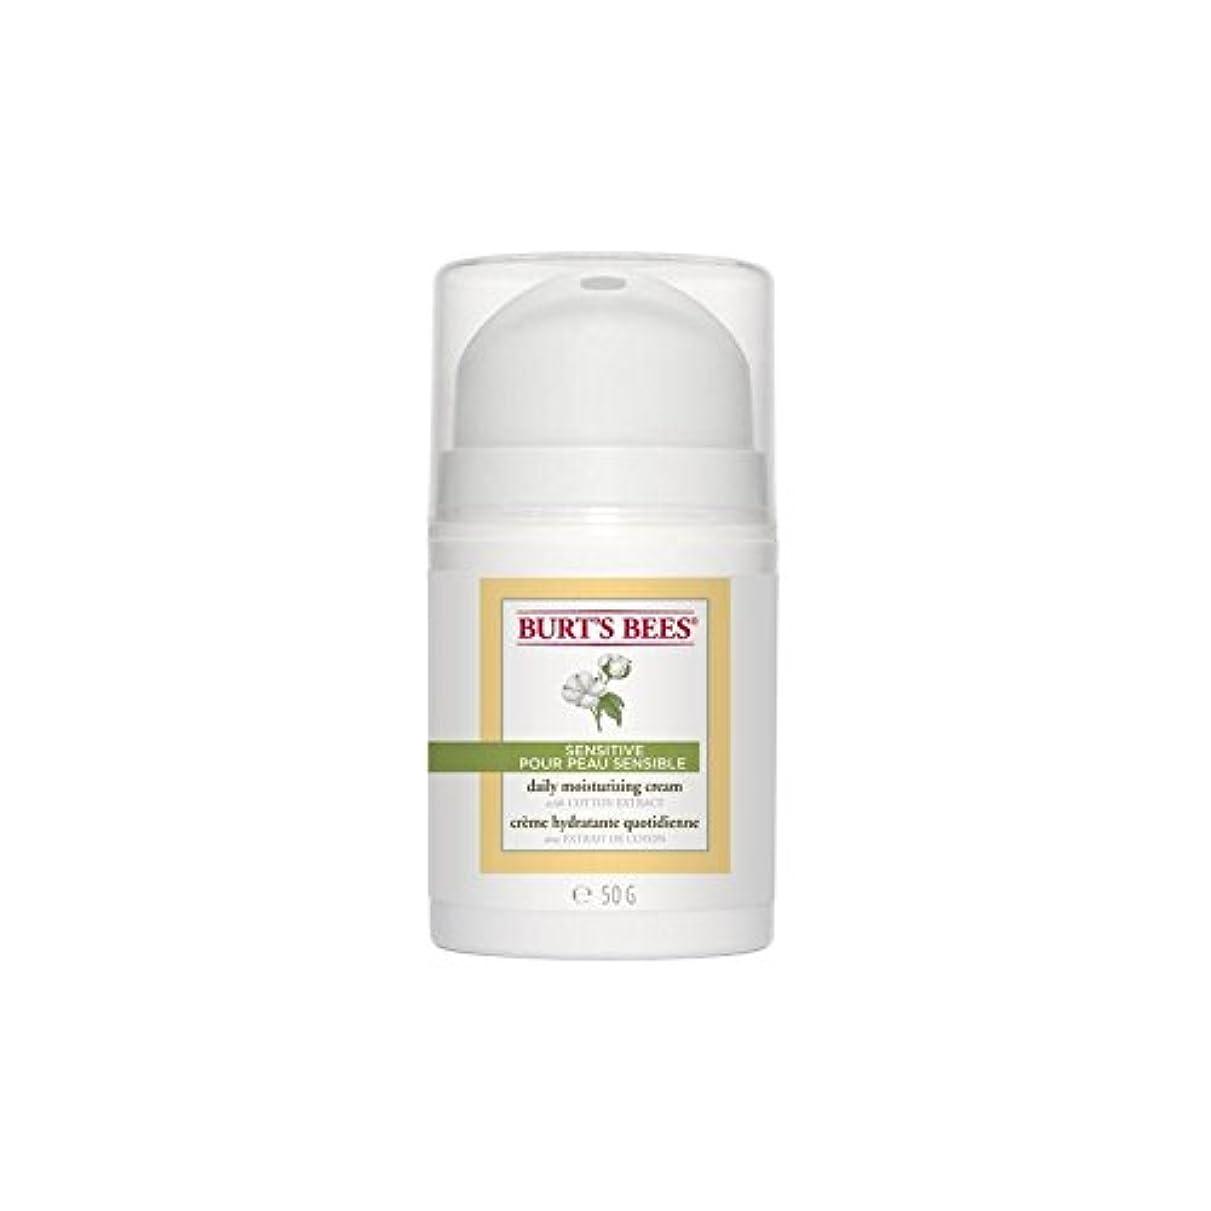 できれば失望させる例外バーツビー敏感毎日保湿クリーム50グラム x4 - Burt's Bees Sensitive Daily Moisturising Cream 50G (Pack of 4) [並行輸入品]